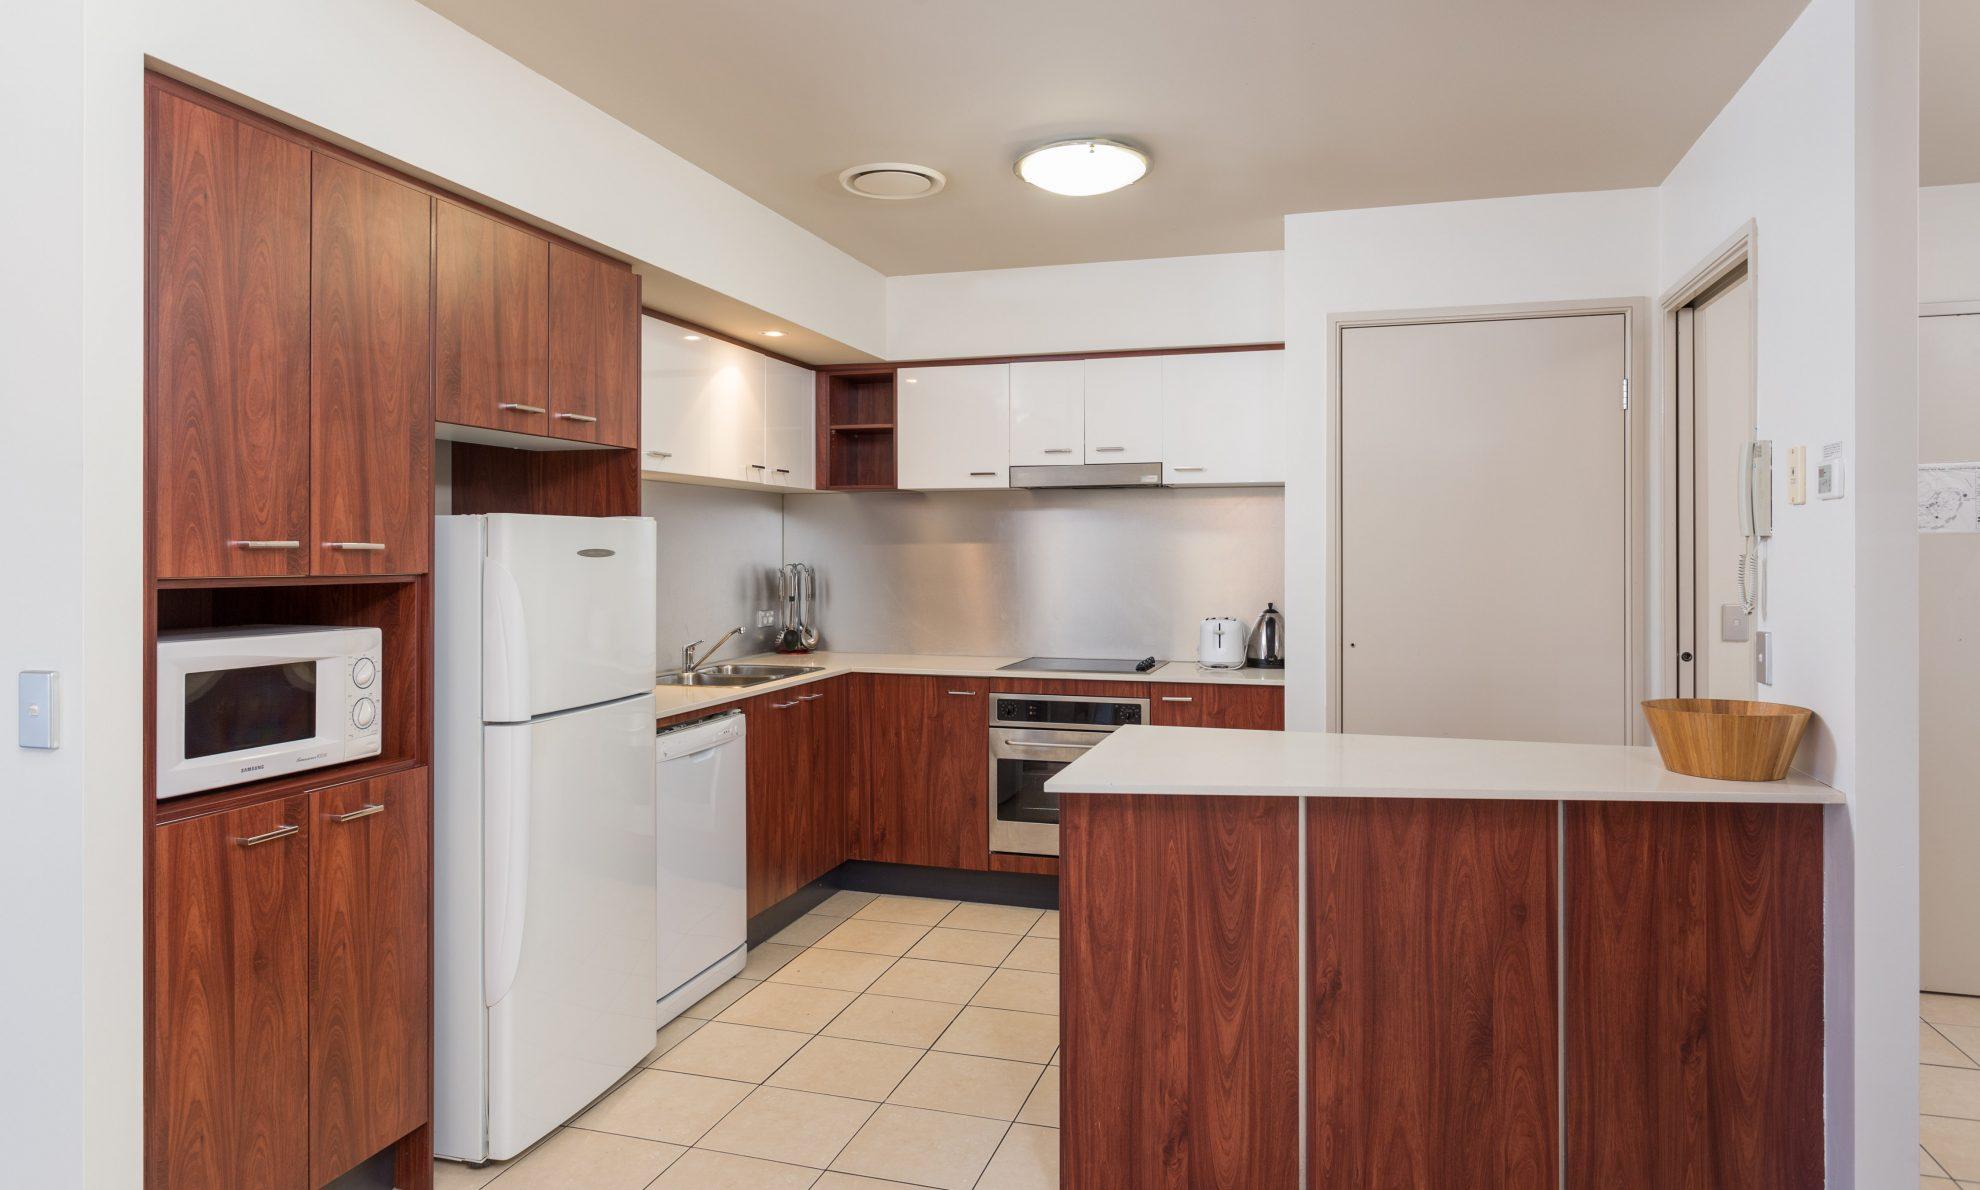 Chevron Renaissance 2222 kitchen